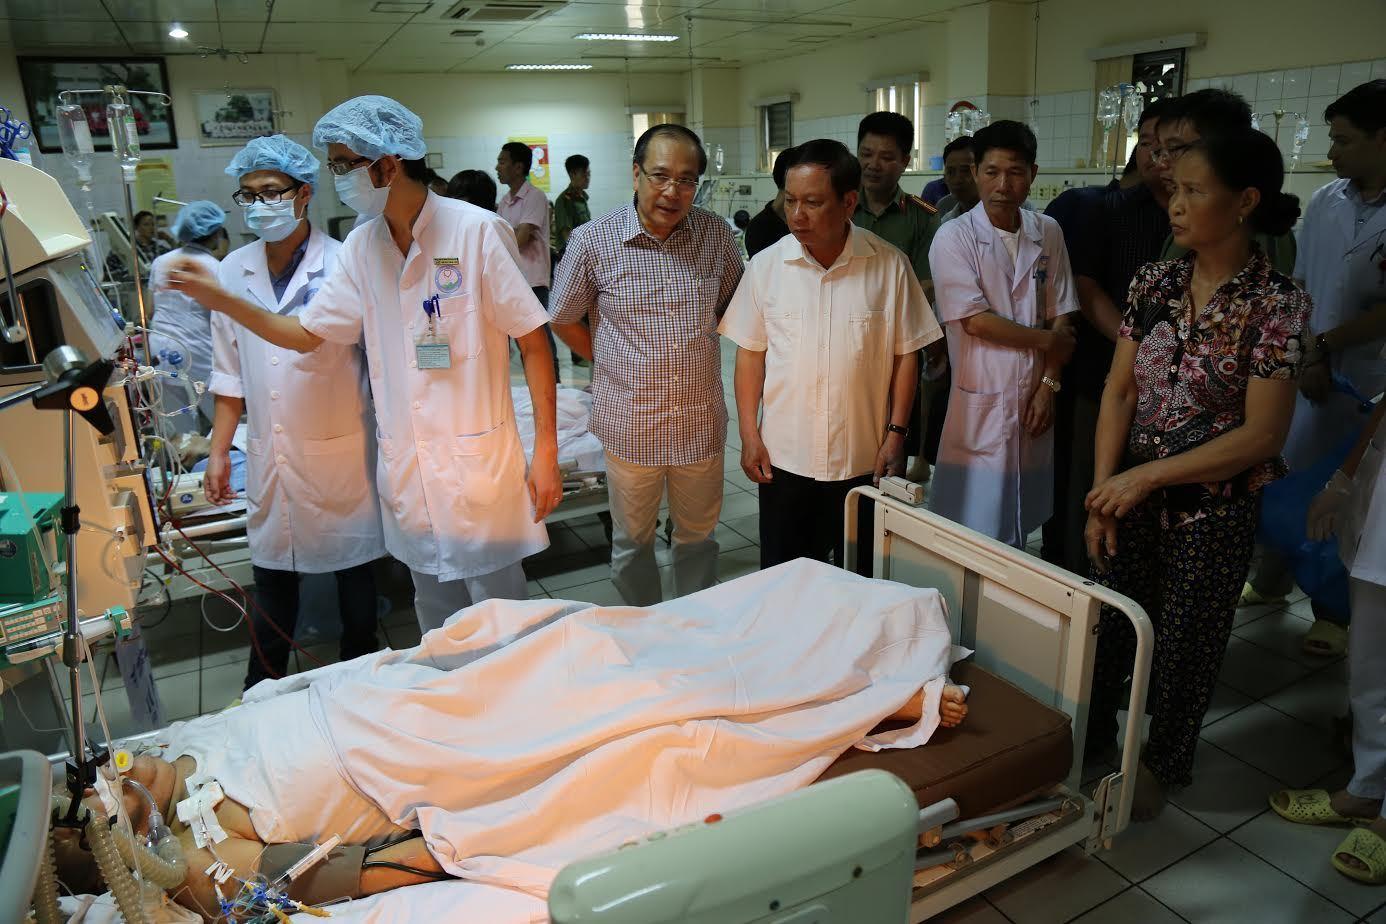 Tâm sự gan ruột của Phó khoa cấp cứu cho 18 người chạy thận